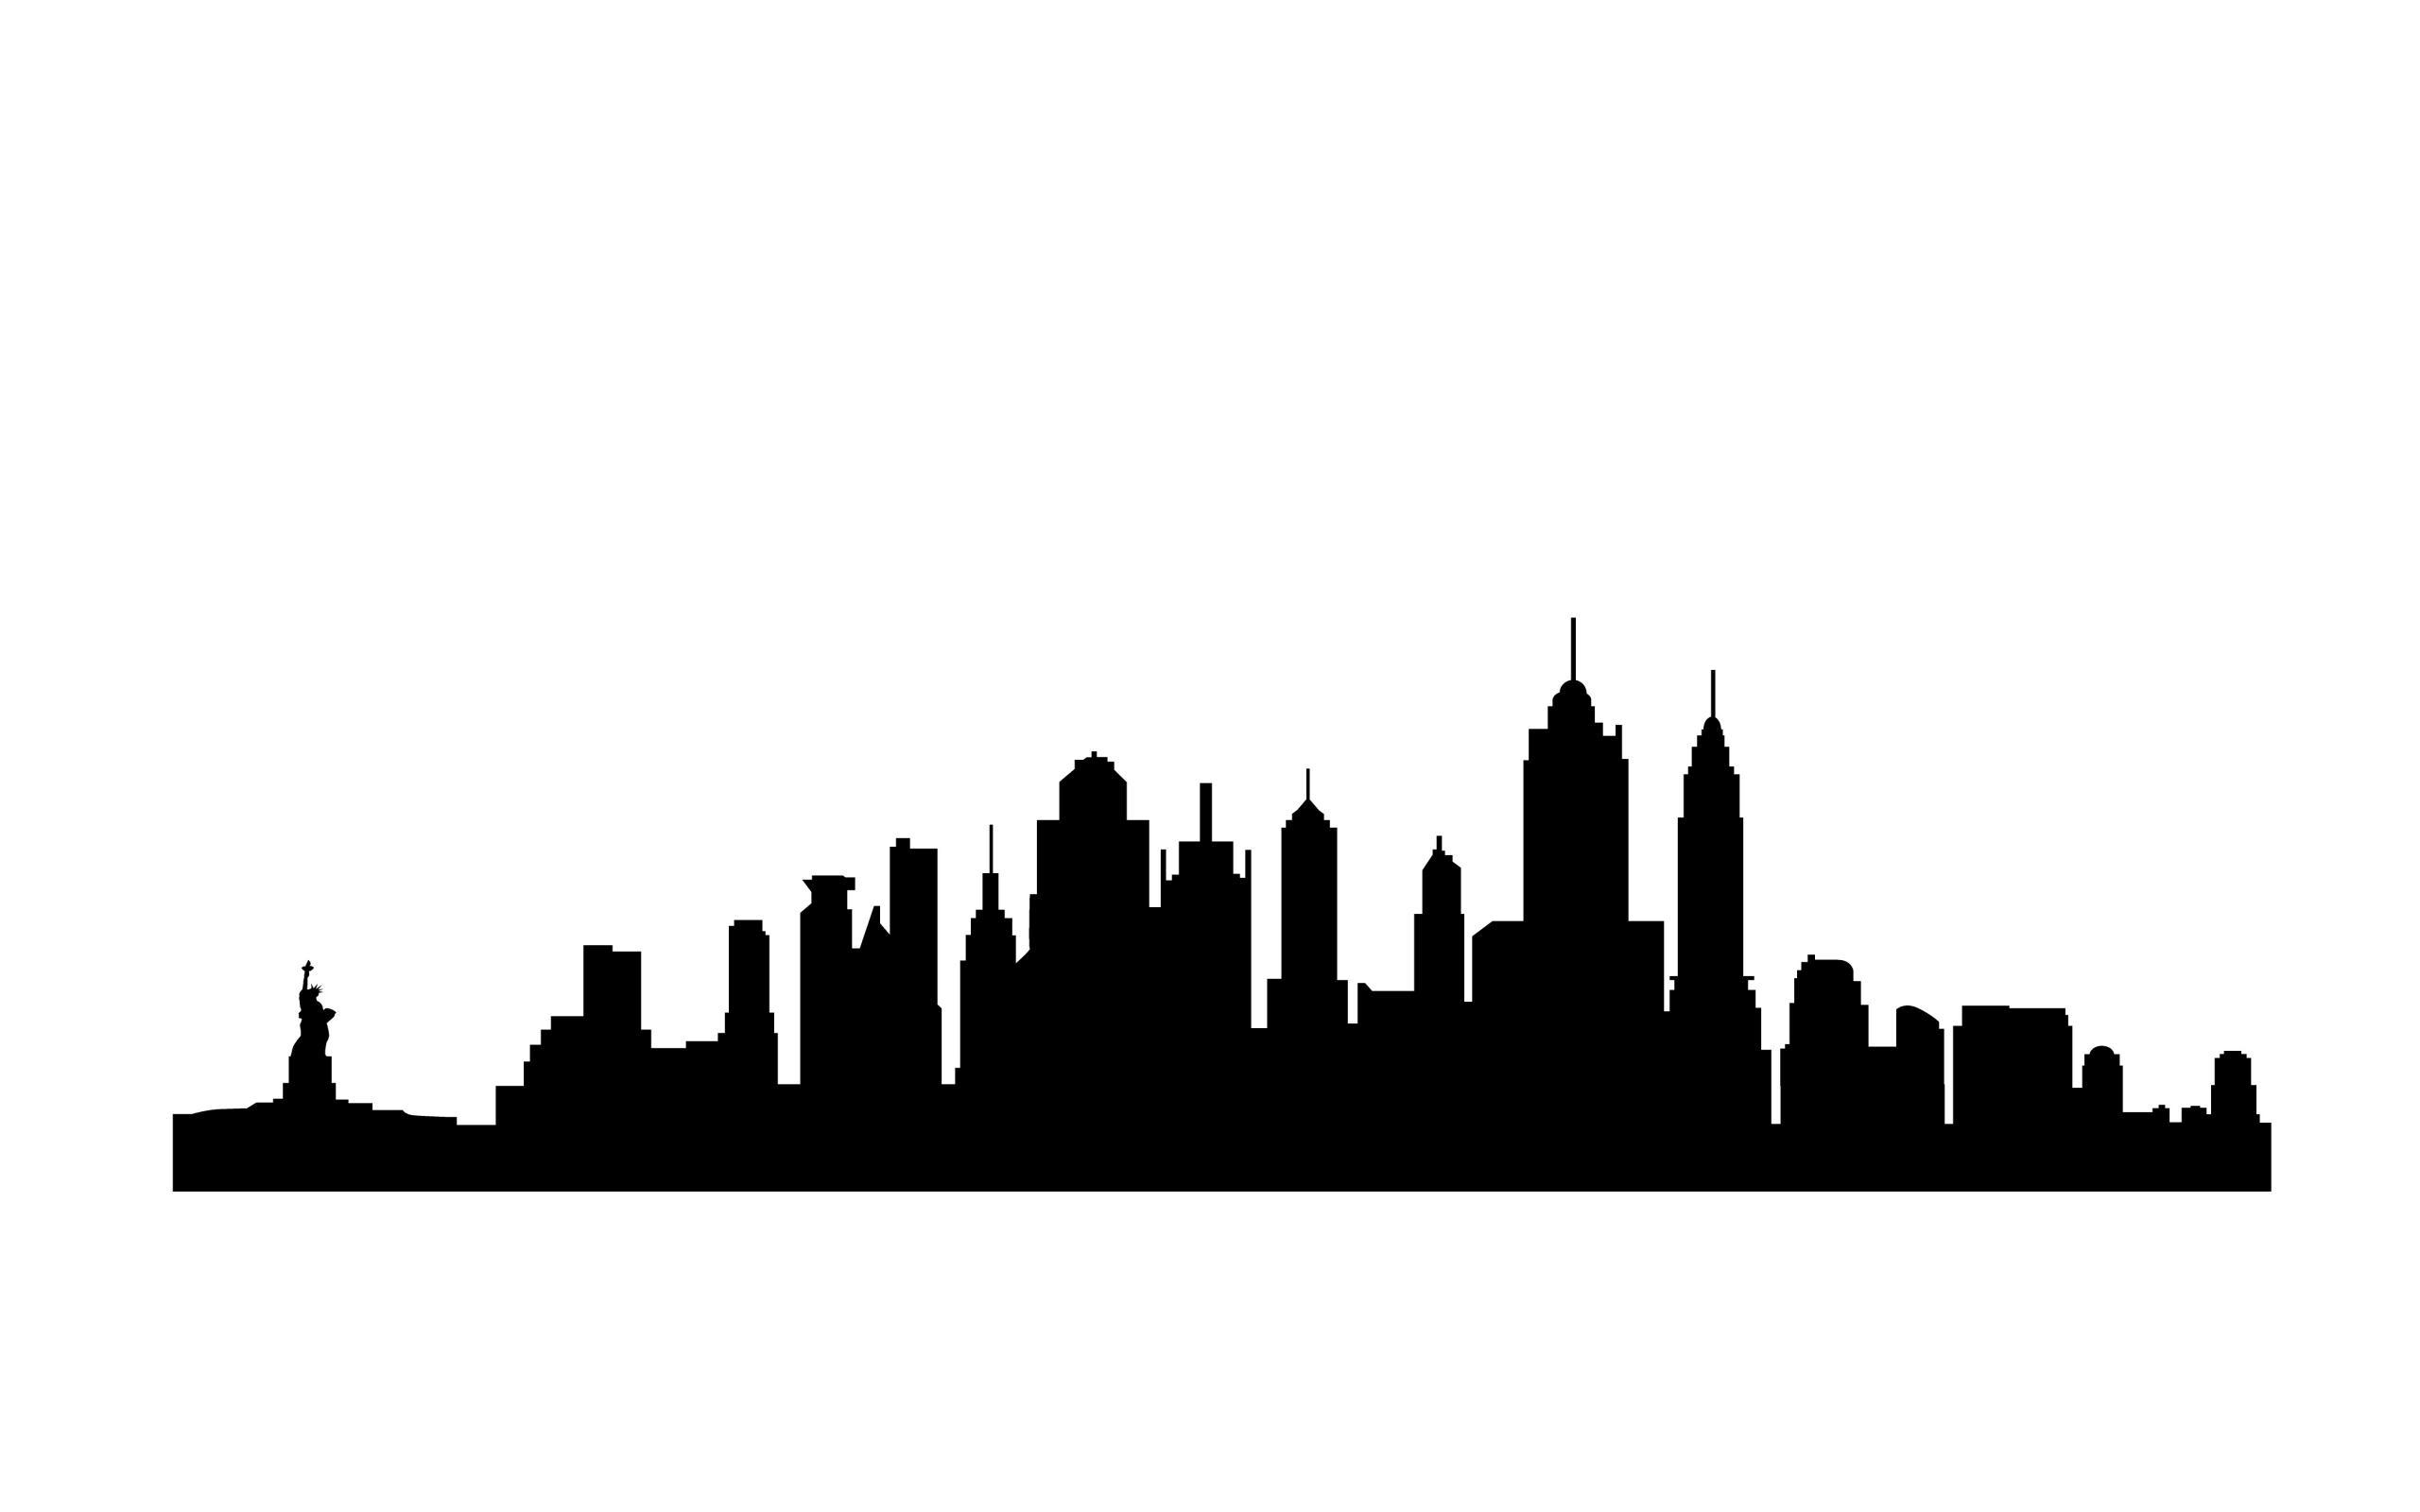 2560x1600 Skyline Clipart Small City